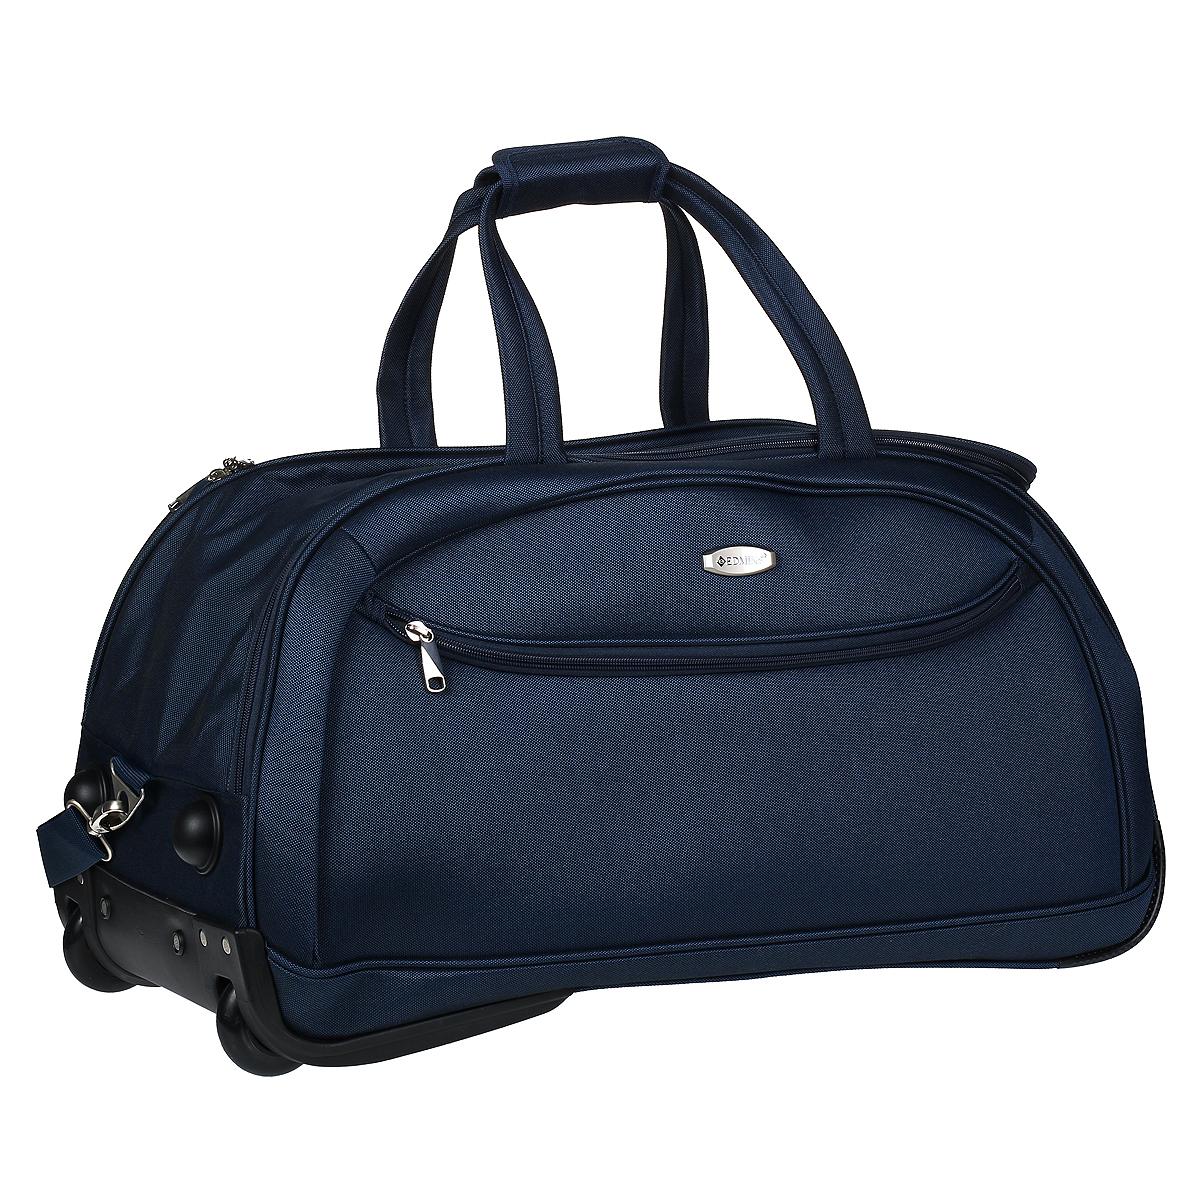 """Сумка дорожная Edmins на колесах, цвет: темно-синий. 213 НТВF5SA01Сумка-тележка Edmins идеально подходит для поездок и путешествий. Сумка изготовлена из плотного полиэстера темно-синего цвета. Сумка имеет одно вместительное основное отделение для хранения одежды и аксессуаров, которое закрывается на застежку-молнию с двумя бегунками. Внутри содержится вшитый карман на молнии, а также багажные ремни для фиксации. Внутренняя поверхность изделия отделана полиэстером серого цвета. С лицевой стороны сумки расположено дополнительное отделение на молнии. Сумка оснащена удобной телескопической ручкой, которая выдвигается нажатием на кнопку. Дно сумки имеет два колеса и две пластиковые """"ножки"""". Также сумка оснащена двумя короткими ручками для переноски и съемным плечевым ремнем.Сумка имеет кодовый замок, который крепится к бегункам основного отделения. В комплекте чехол для обуви.Стильная и удобная сумка-тележка Edmins вместит все необходимые вещи и станет незаменимым аксессуаром во время поездок. Особенности: - Замок: кодовый;- Багажные ремни в главном отделении;- Плечевой ремень; - Боковая и телескопическая ручки; - Ножки на боковой стороне; - Мешок для обуви;- Число колес: 2. Характеристики:Материал: полиэстер, металл, пластик. Цвет: темно-синий. Размер сумки (ДхШхВ): 65 см х 38 см х 34 см. Максимальная нагрузка: 17 кг. Количество колес: 2 шт. Высота выдвижной ручки: 23 см."""